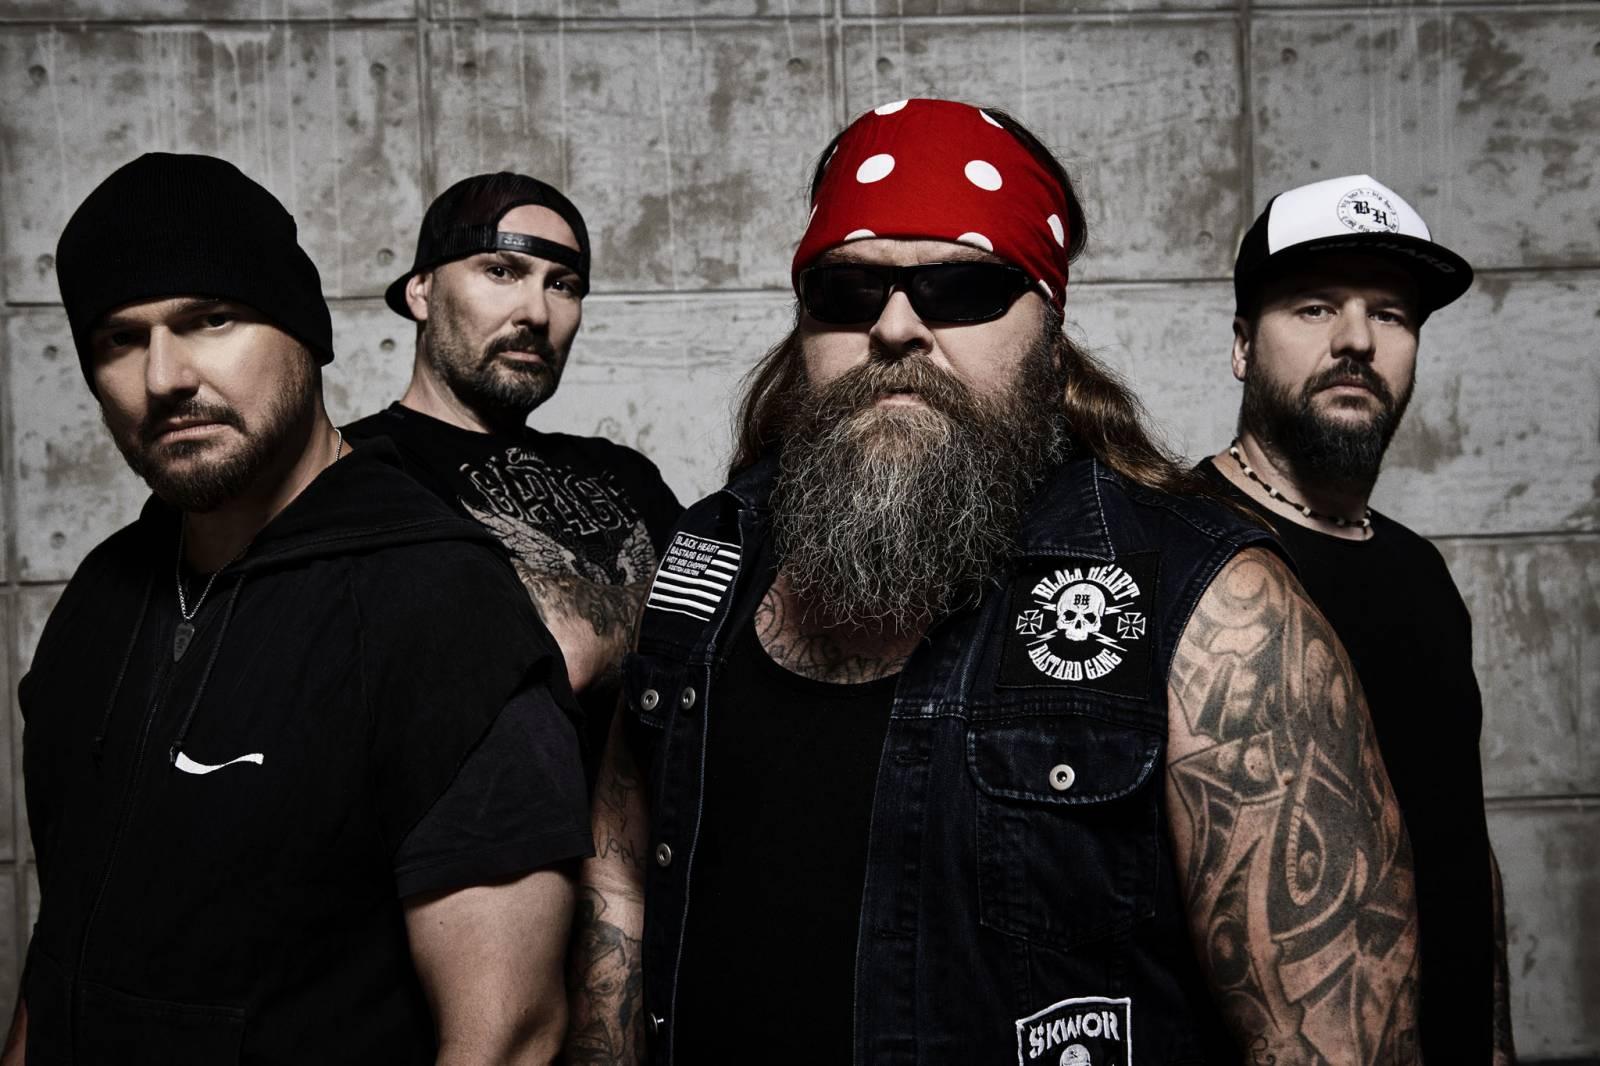 RECENZE: Škwor na novém albu vzpomínají na Lemmyho a Lennona. Hudebně se nemění, fanoušky nezklamou